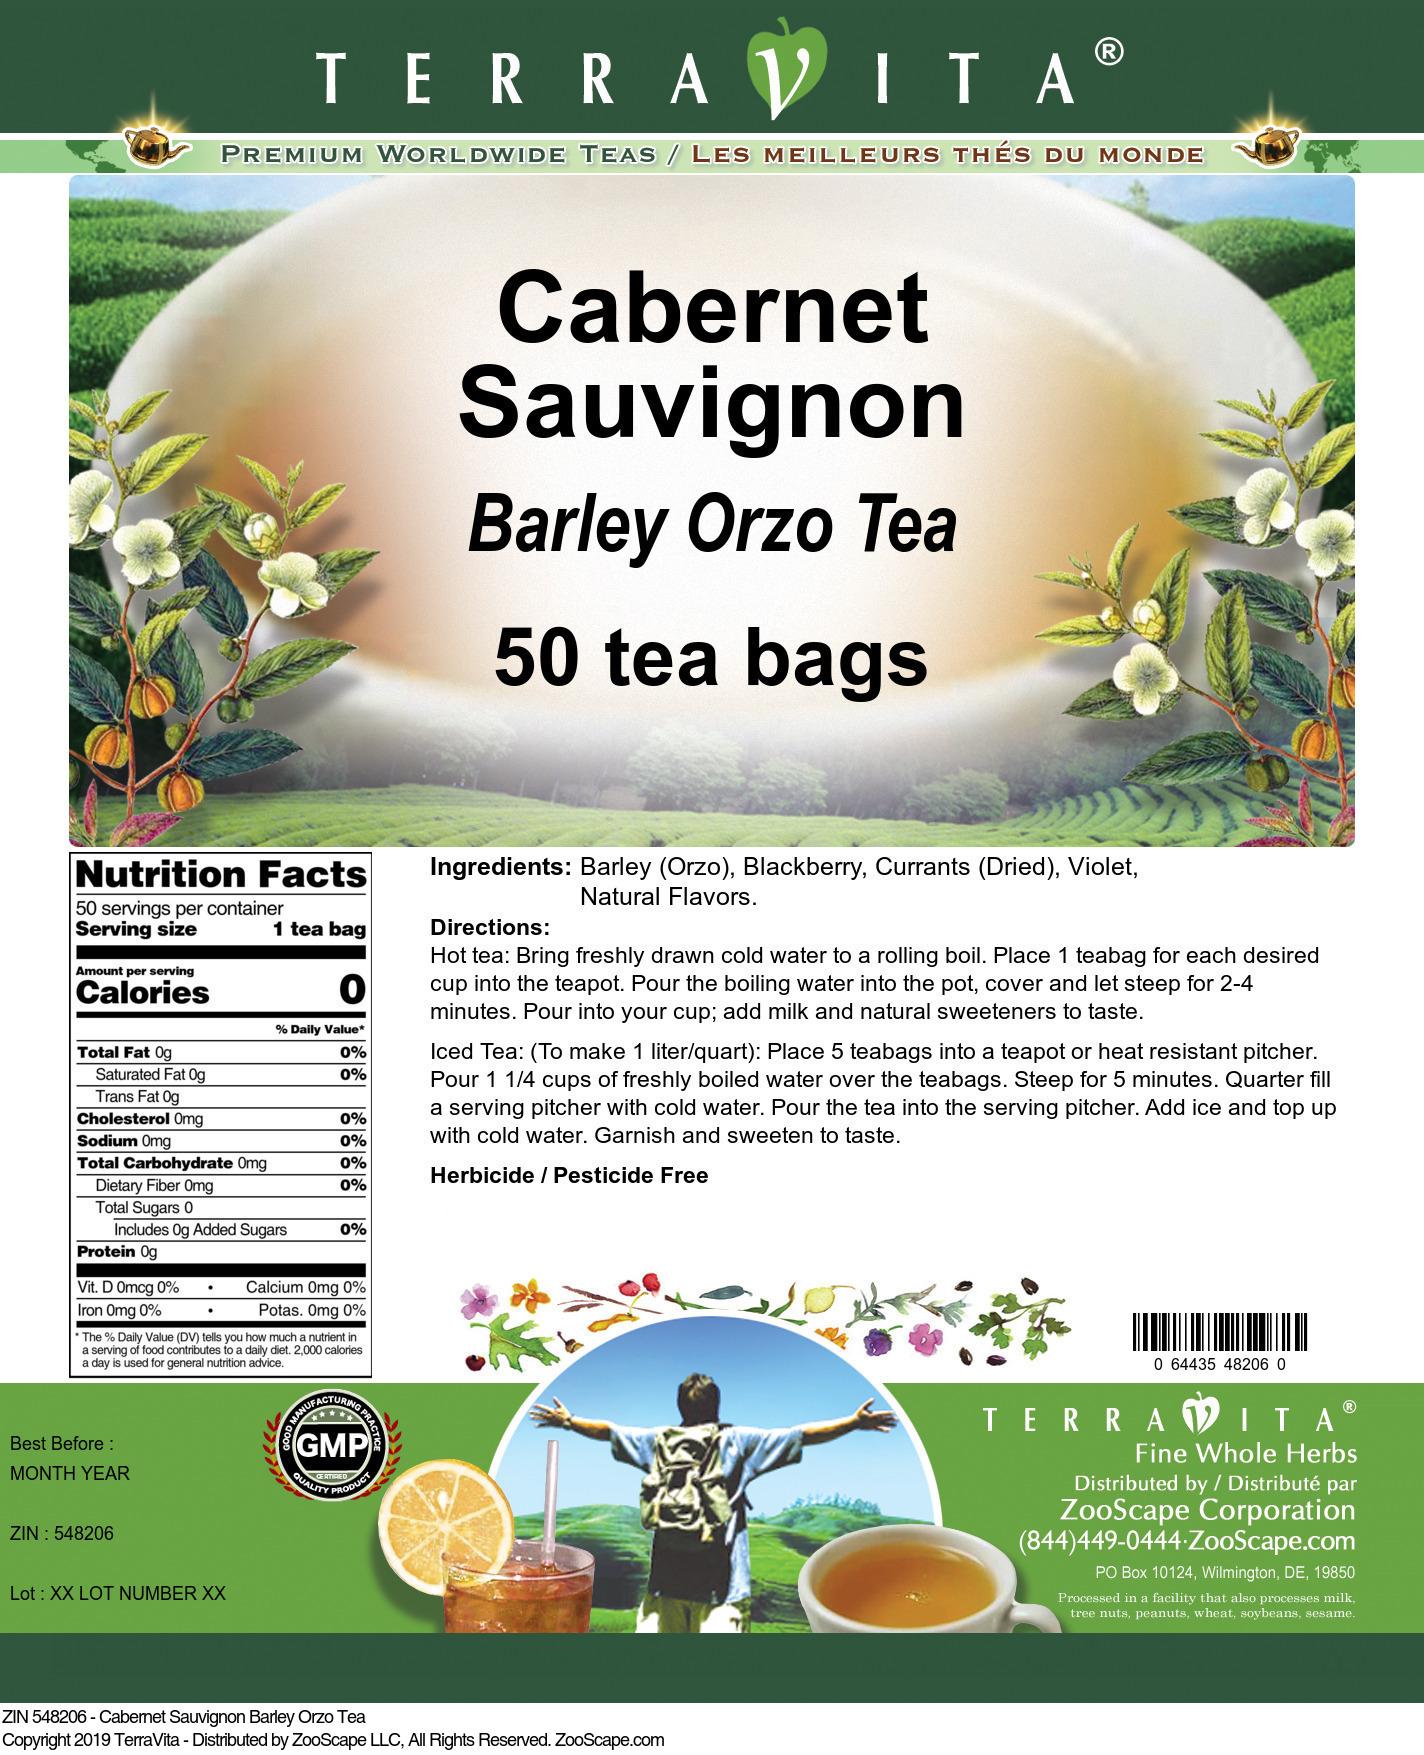 Cabernet Sauvignon Barley Orzo Tea